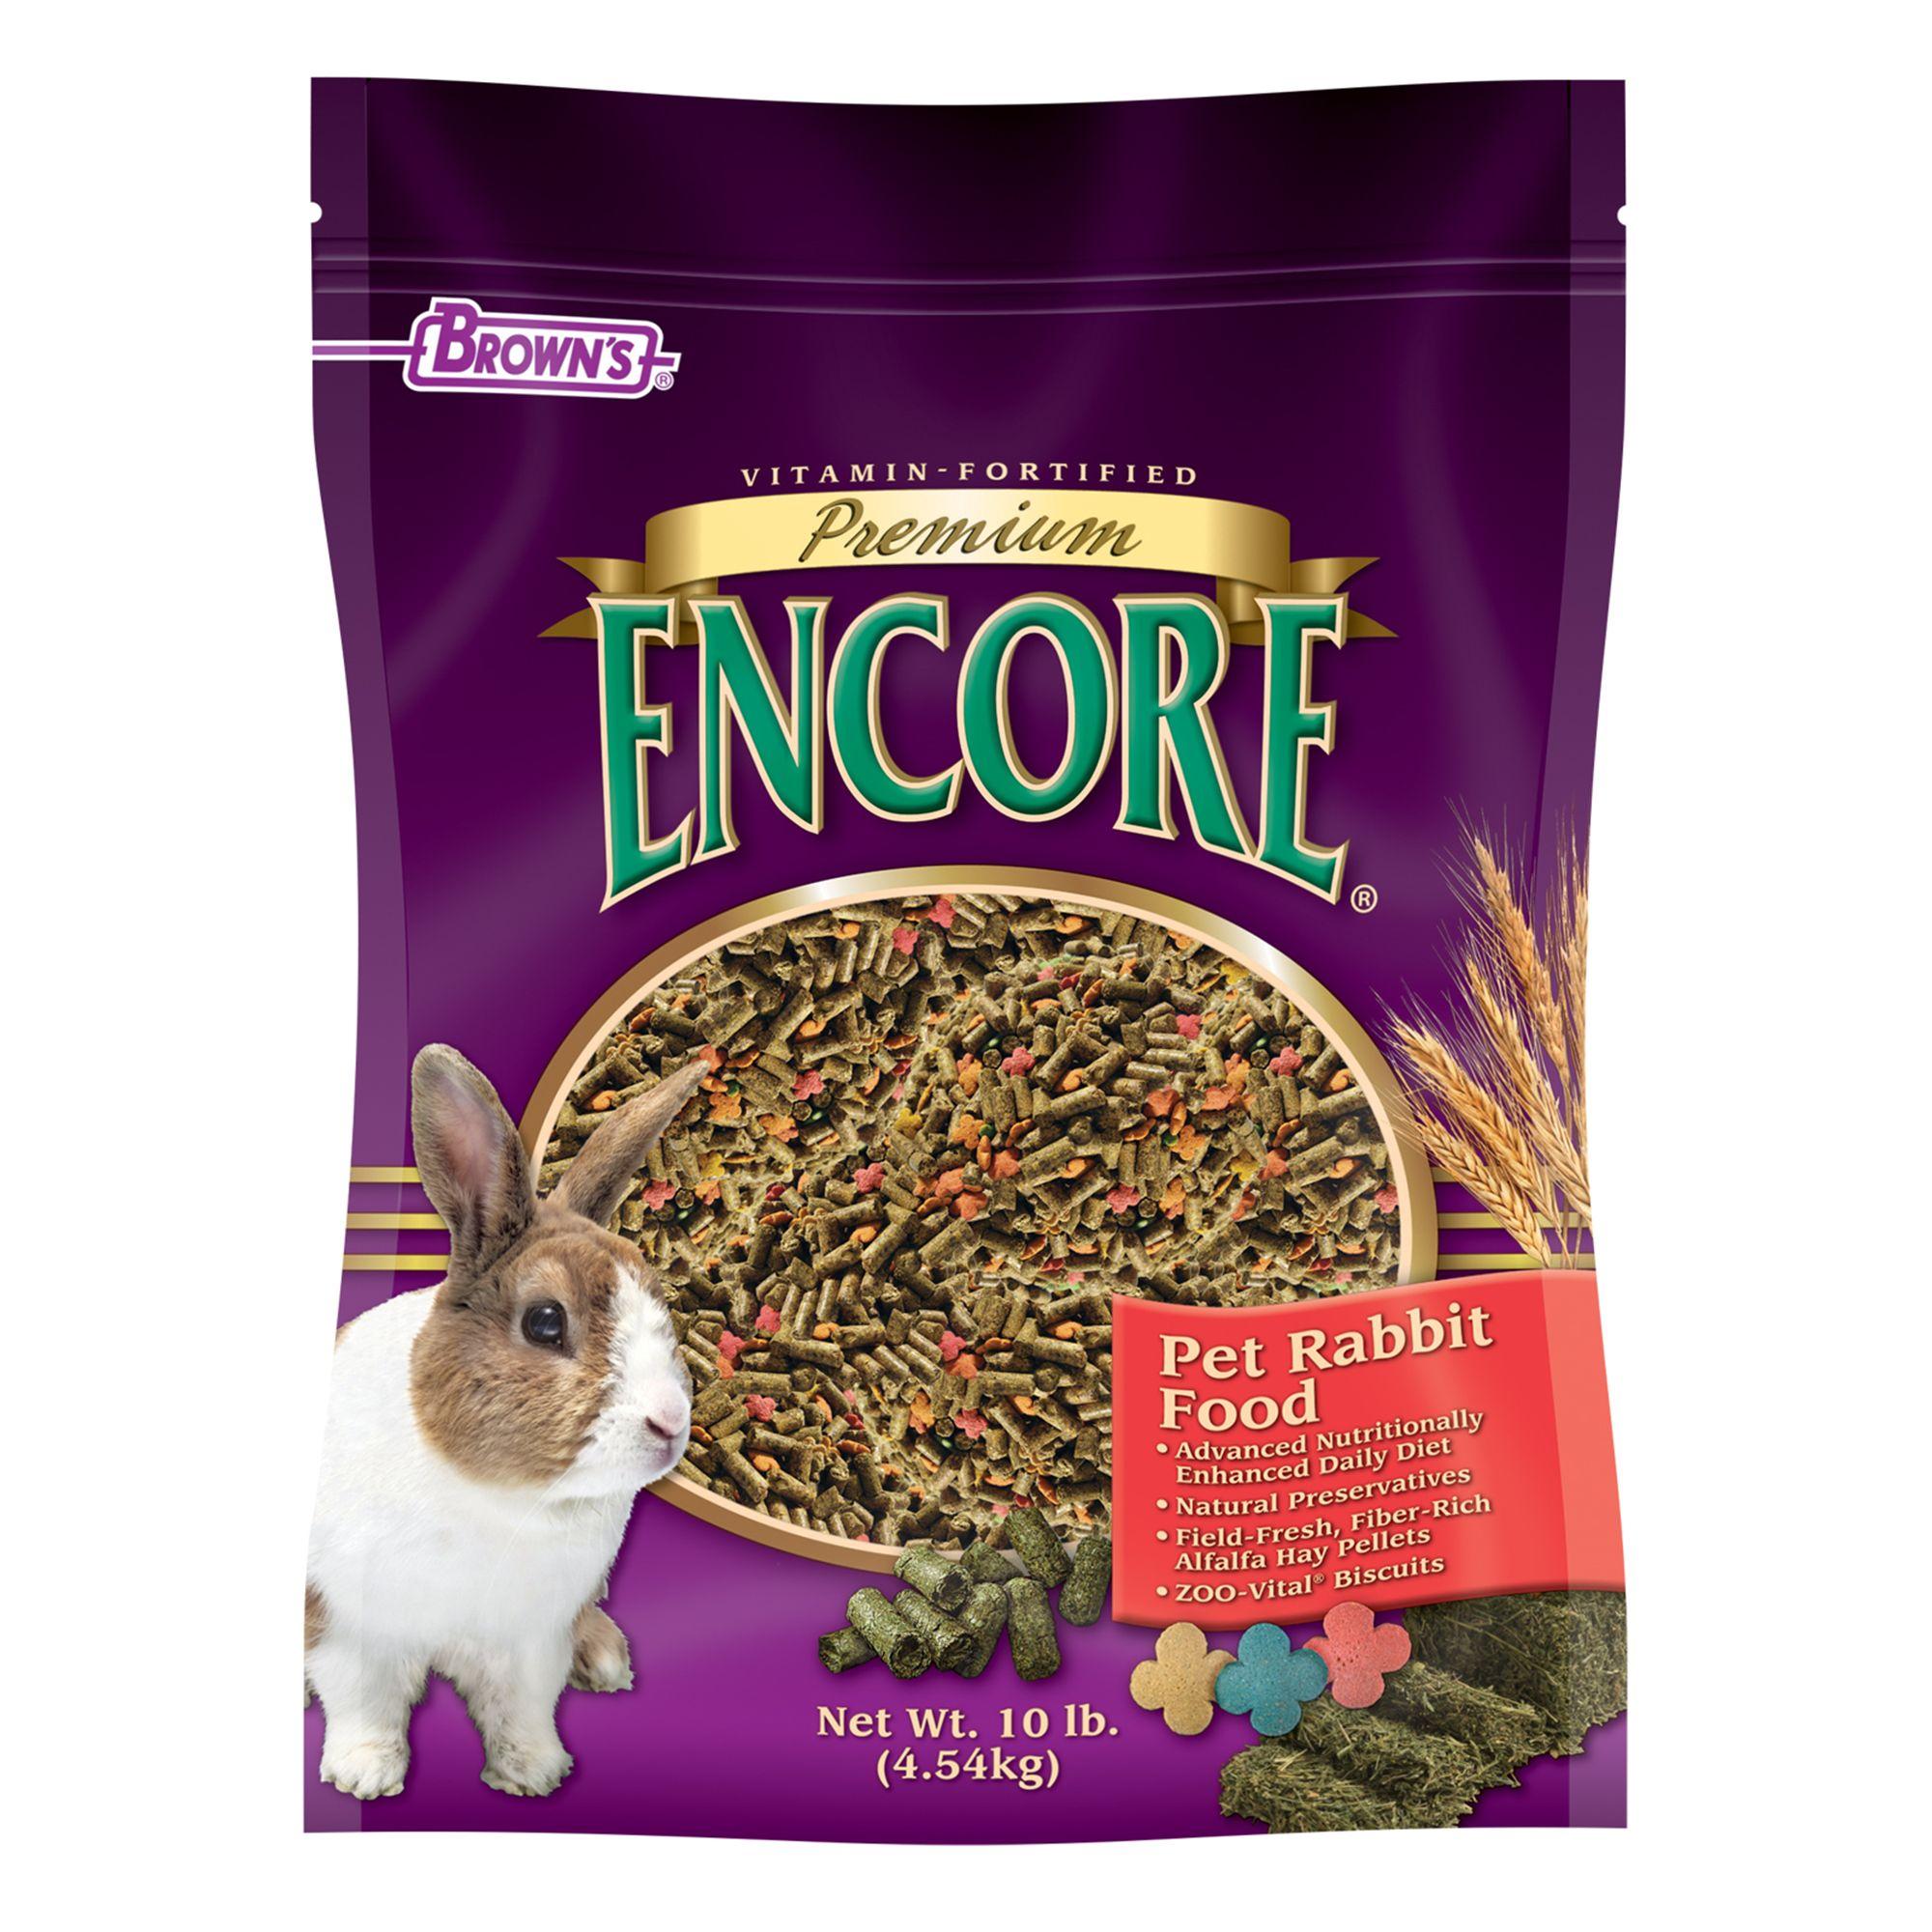 Browns Encore Premium Rabbit Food Size 10 Lb Fm Browns